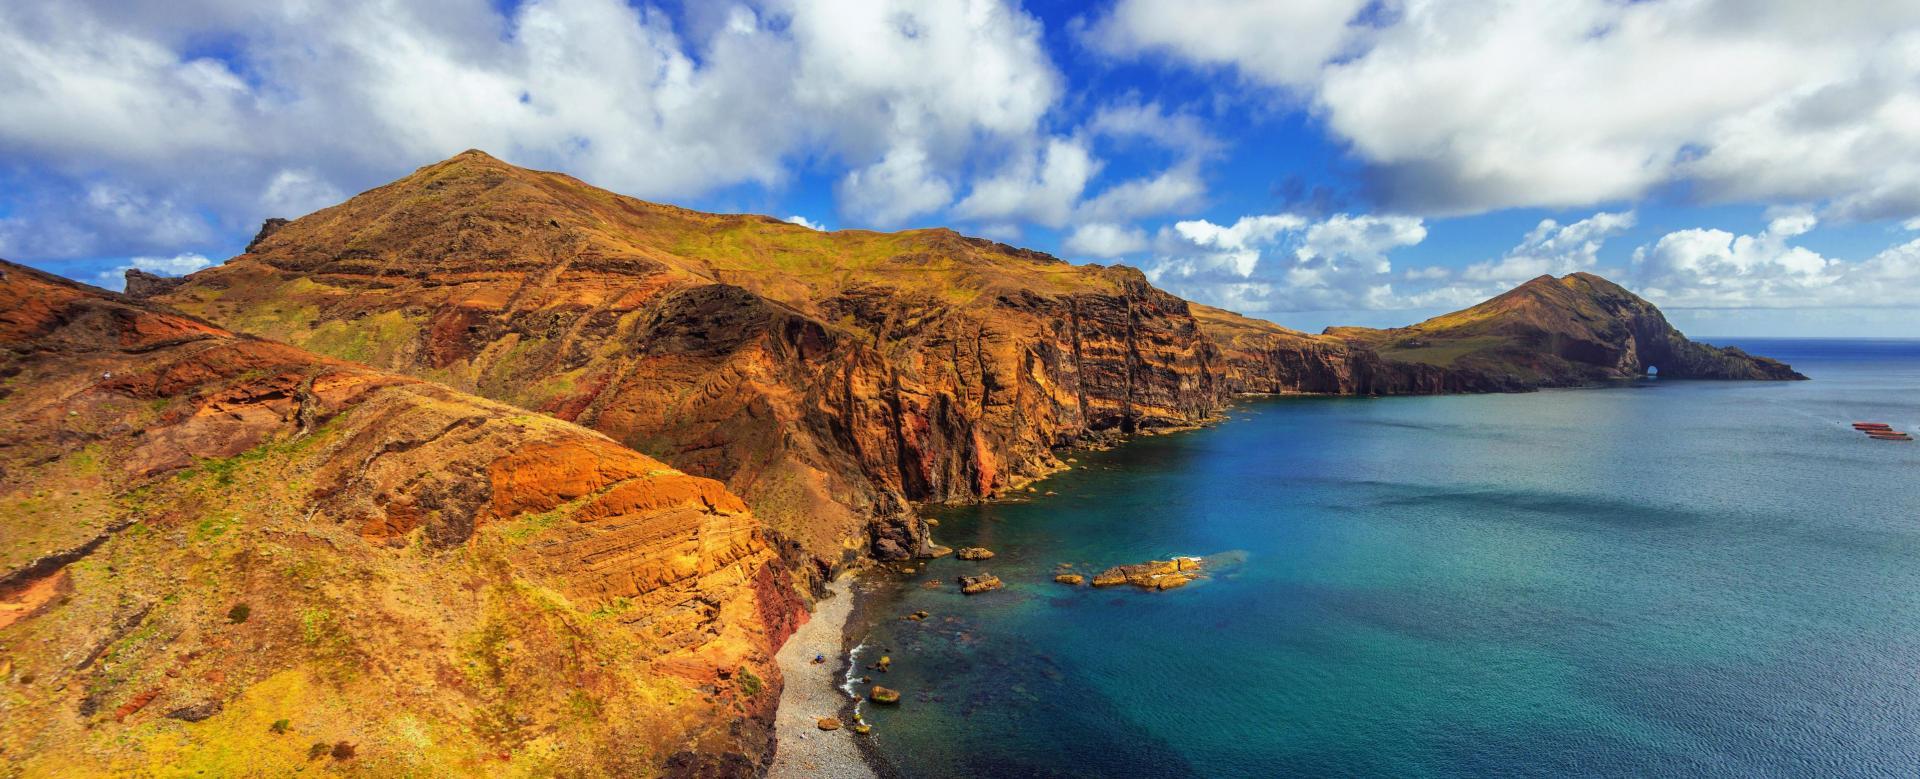 Voyage à pied : Madère par la côte sauvage